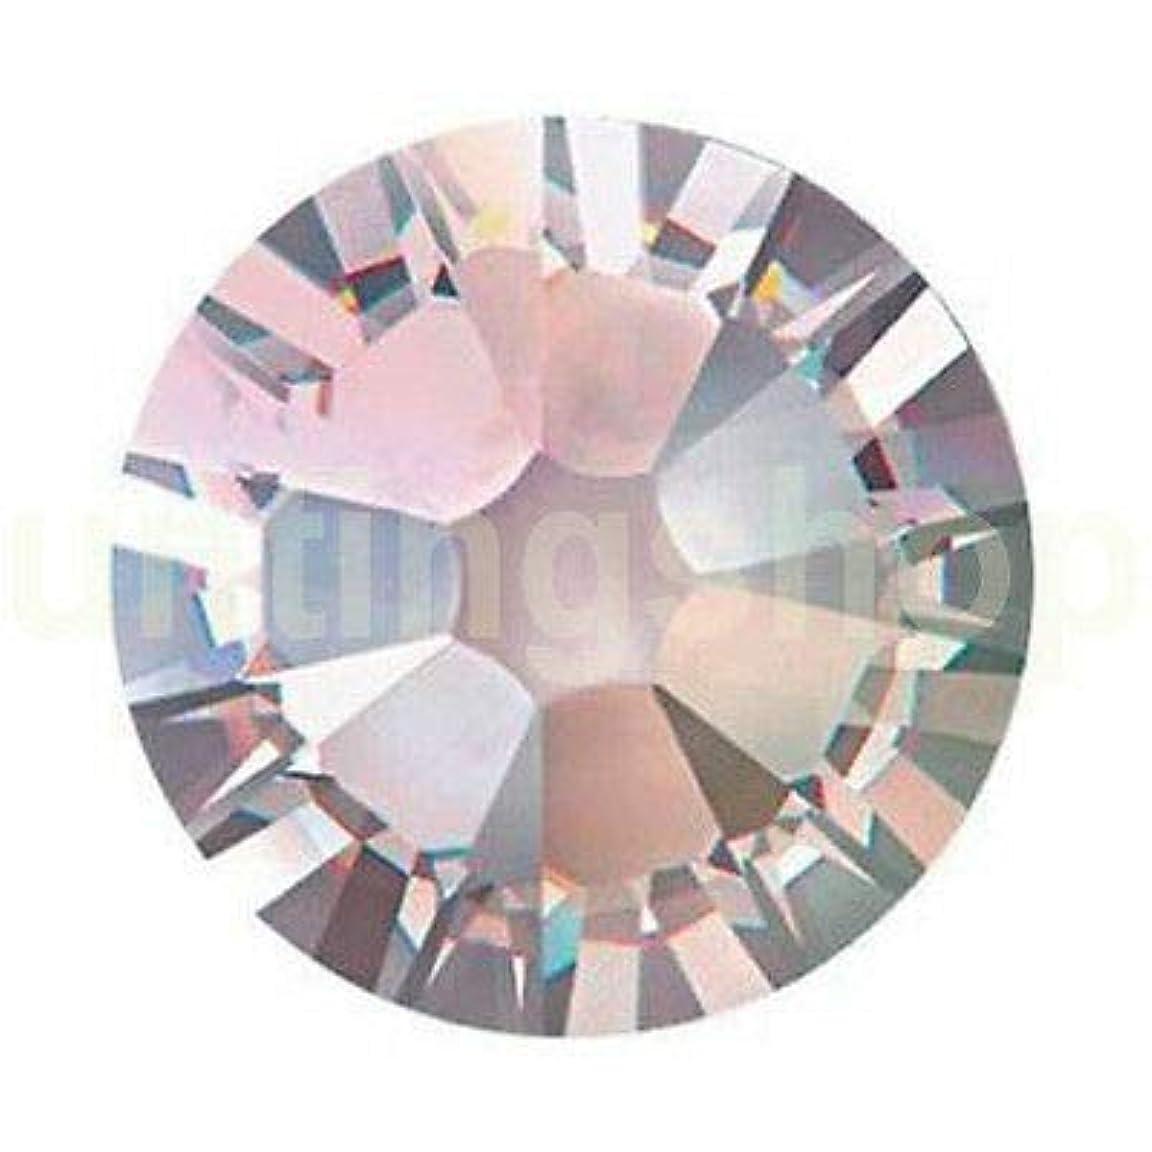 派生するシロクマ絶縁するFidgetGear DIY 1.3-8.5 mmクリスタルヒラタラインストーンネイルアートデコレーションSS3-SS40 クリスタルAB